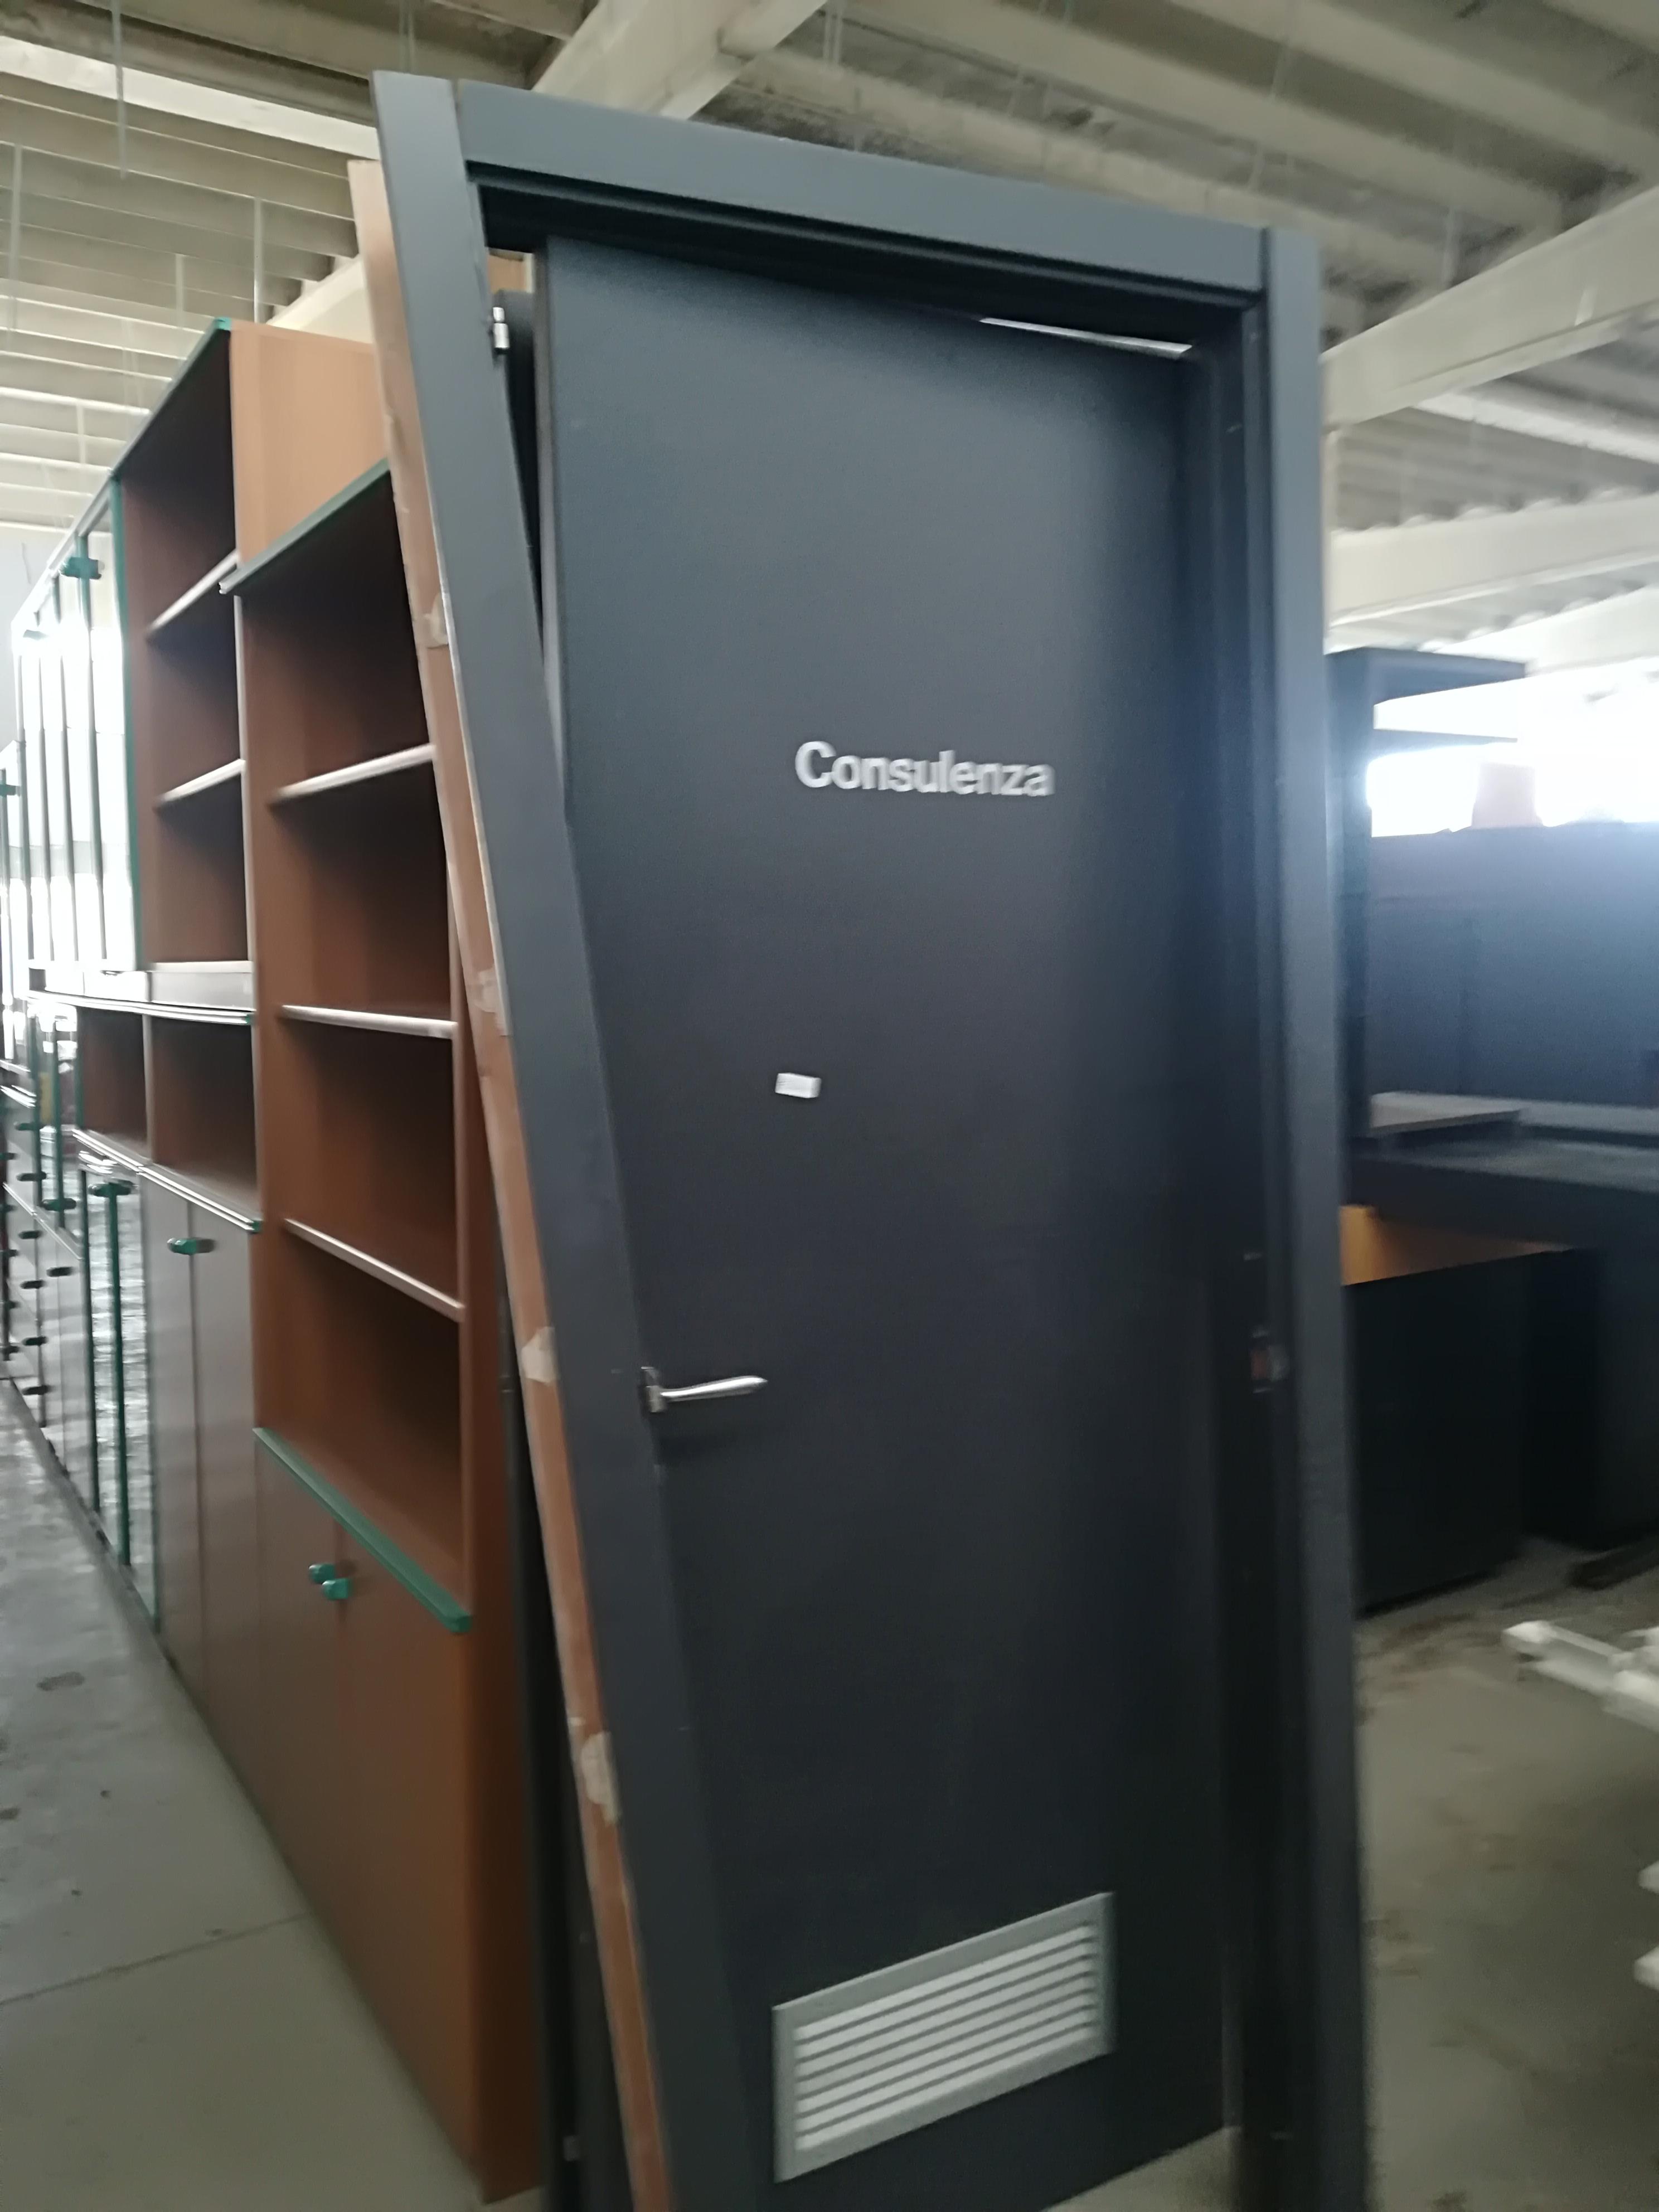 Porte grigie 2164 barrale discount for Scaffalature per negozi e arredi ufficio usato palermo